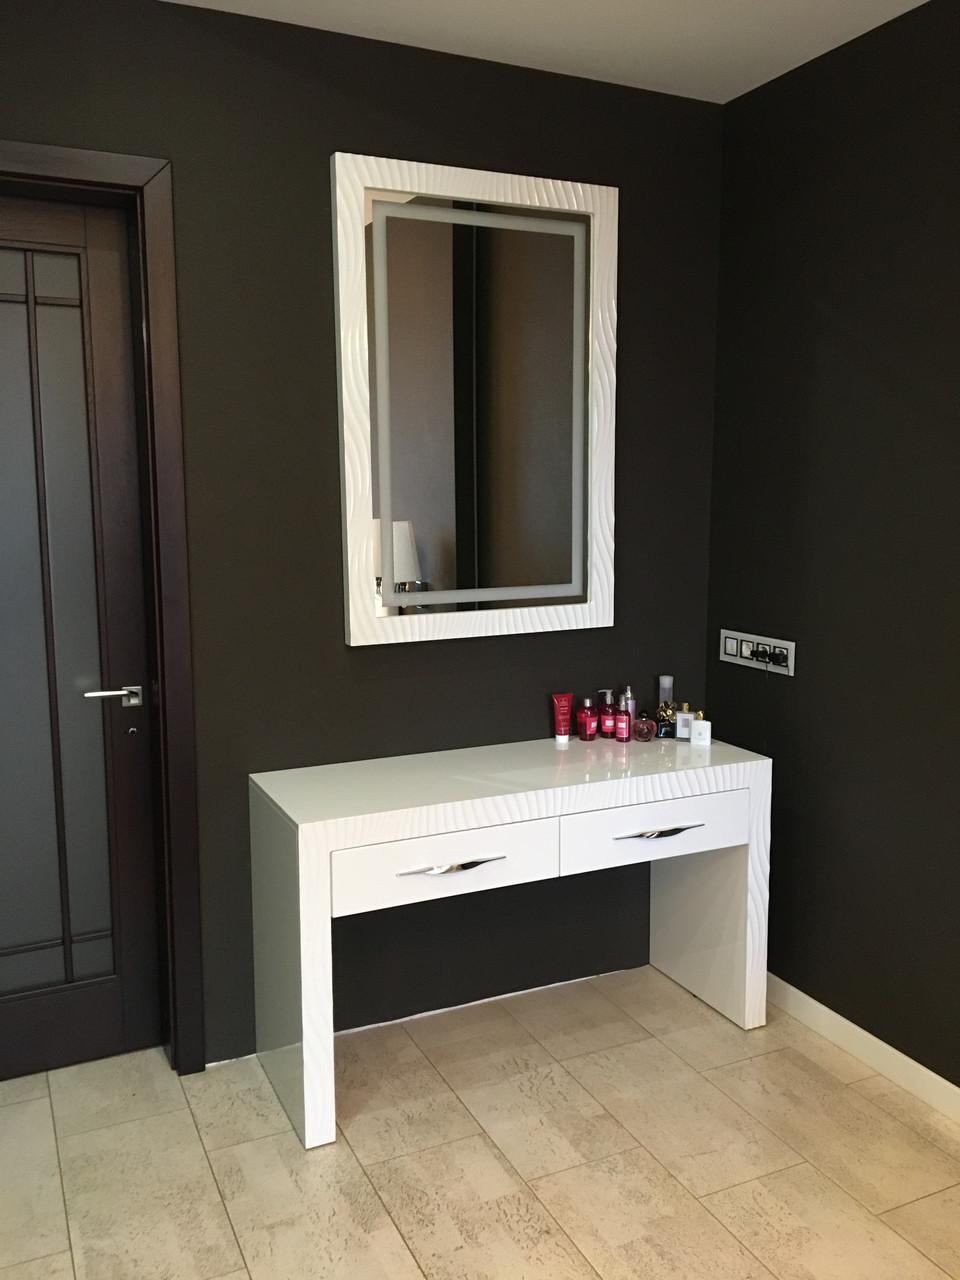 Мебель для спальни белая, туалетный столик с зеркалом и подсветкой